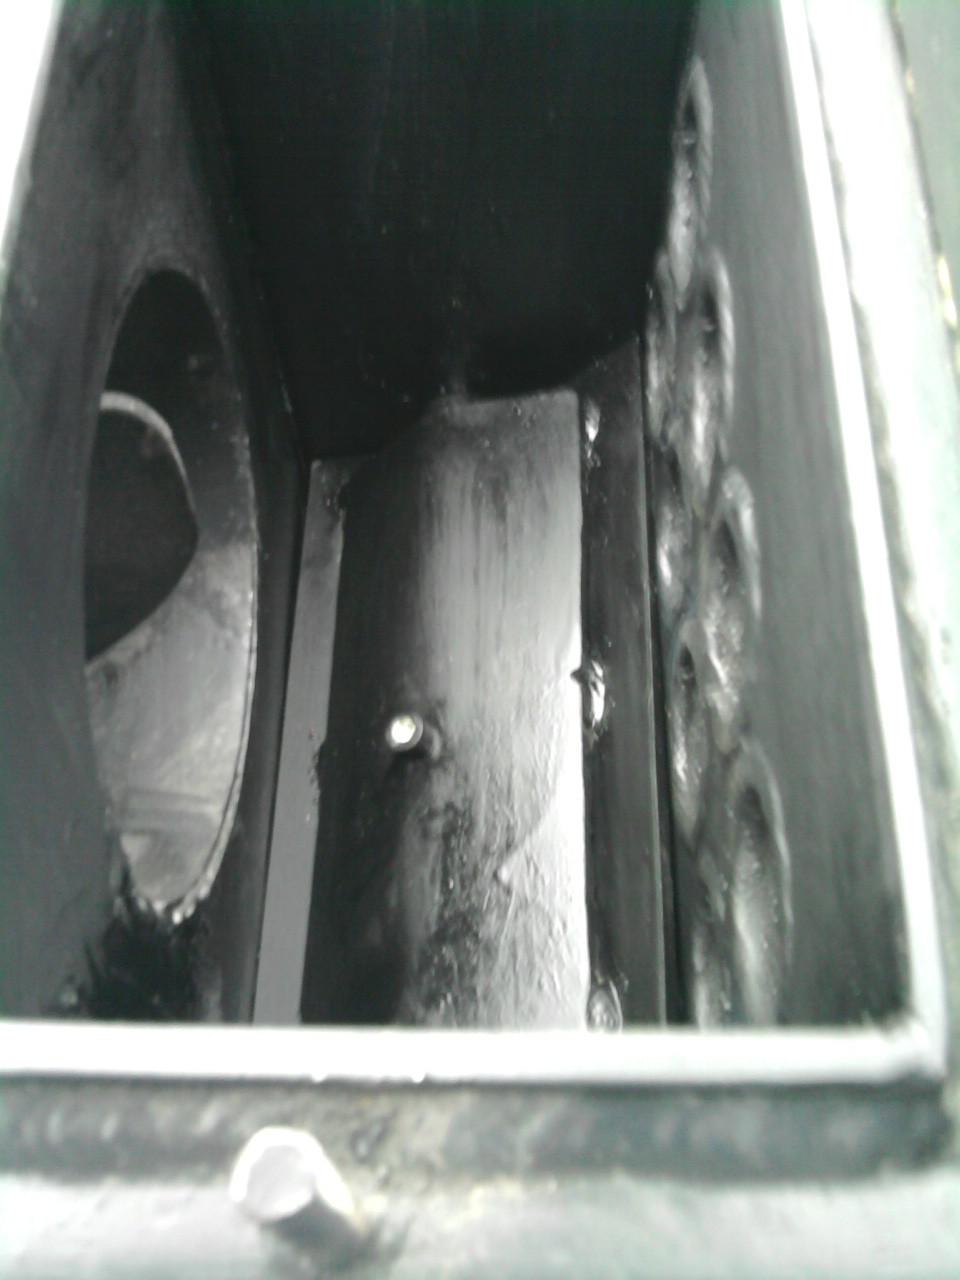 KUS-I zwymiennikiem płomieniówkowym (klapa zmiany obiegu spalin)